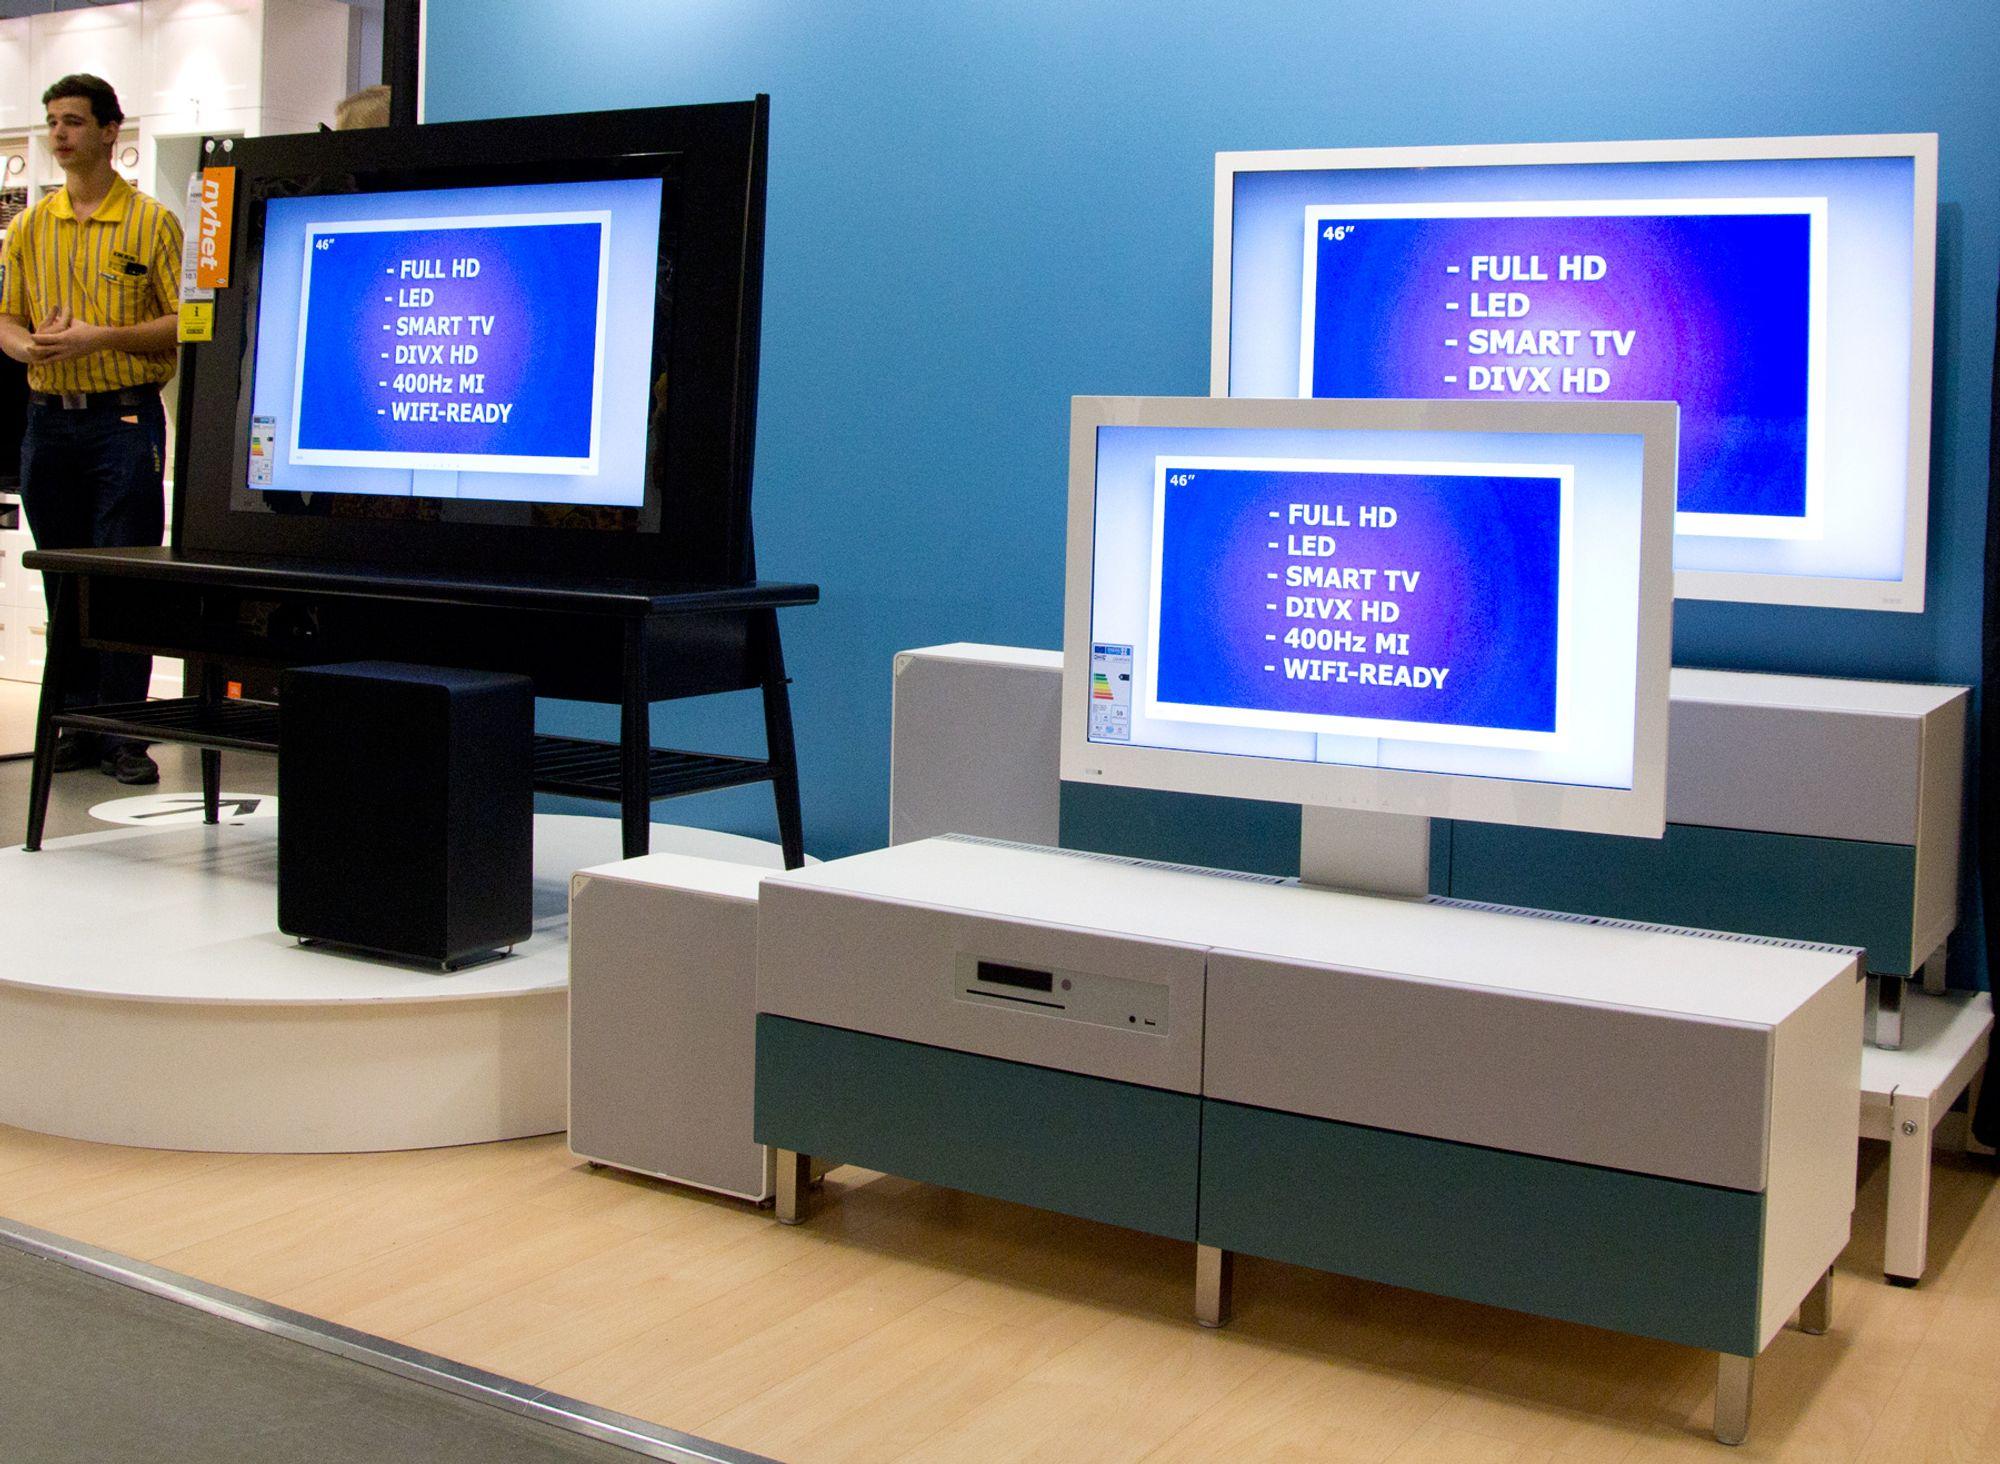 Meuble Tv Ikea Uppleva : Et Knippe Uppleva-oppsett Foto Rolf B Wegner, Hardwareno